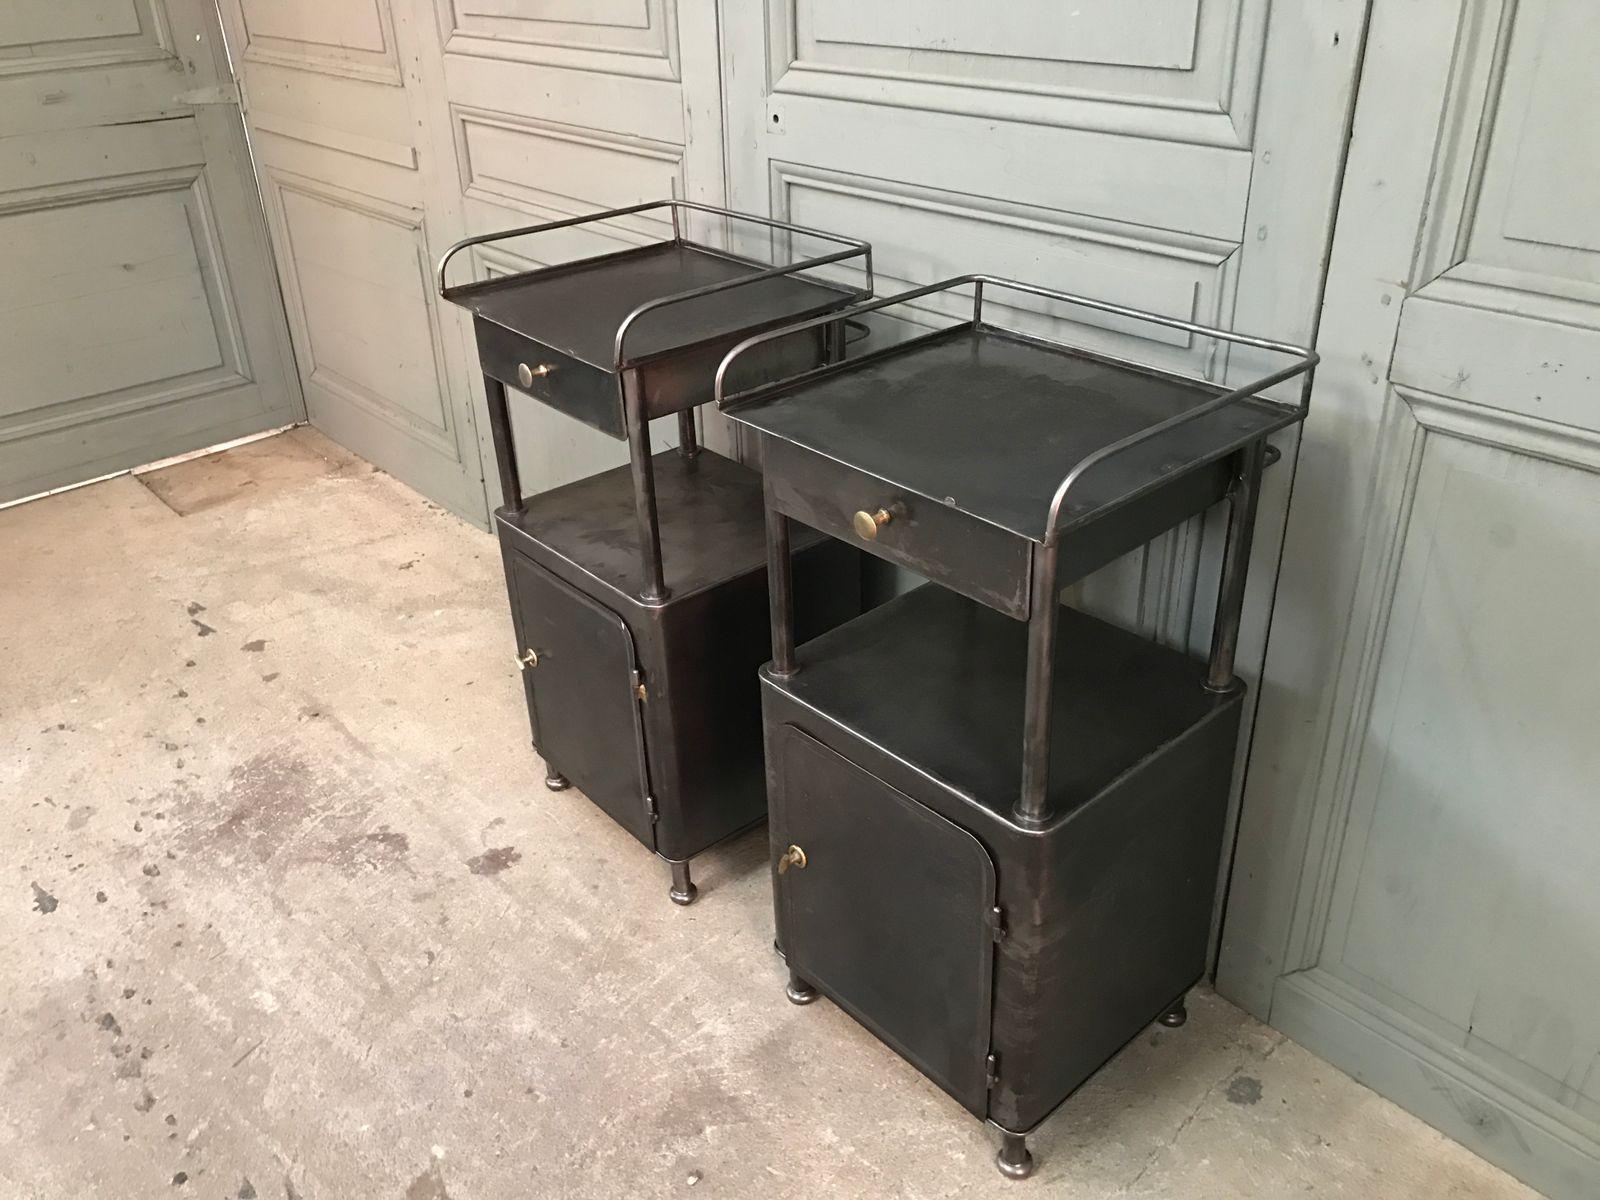 tables de chevet vintage en m tal noir set de 2 en vente sur pamono. Black Bedroom Furniture Sets. Home Design Ideas